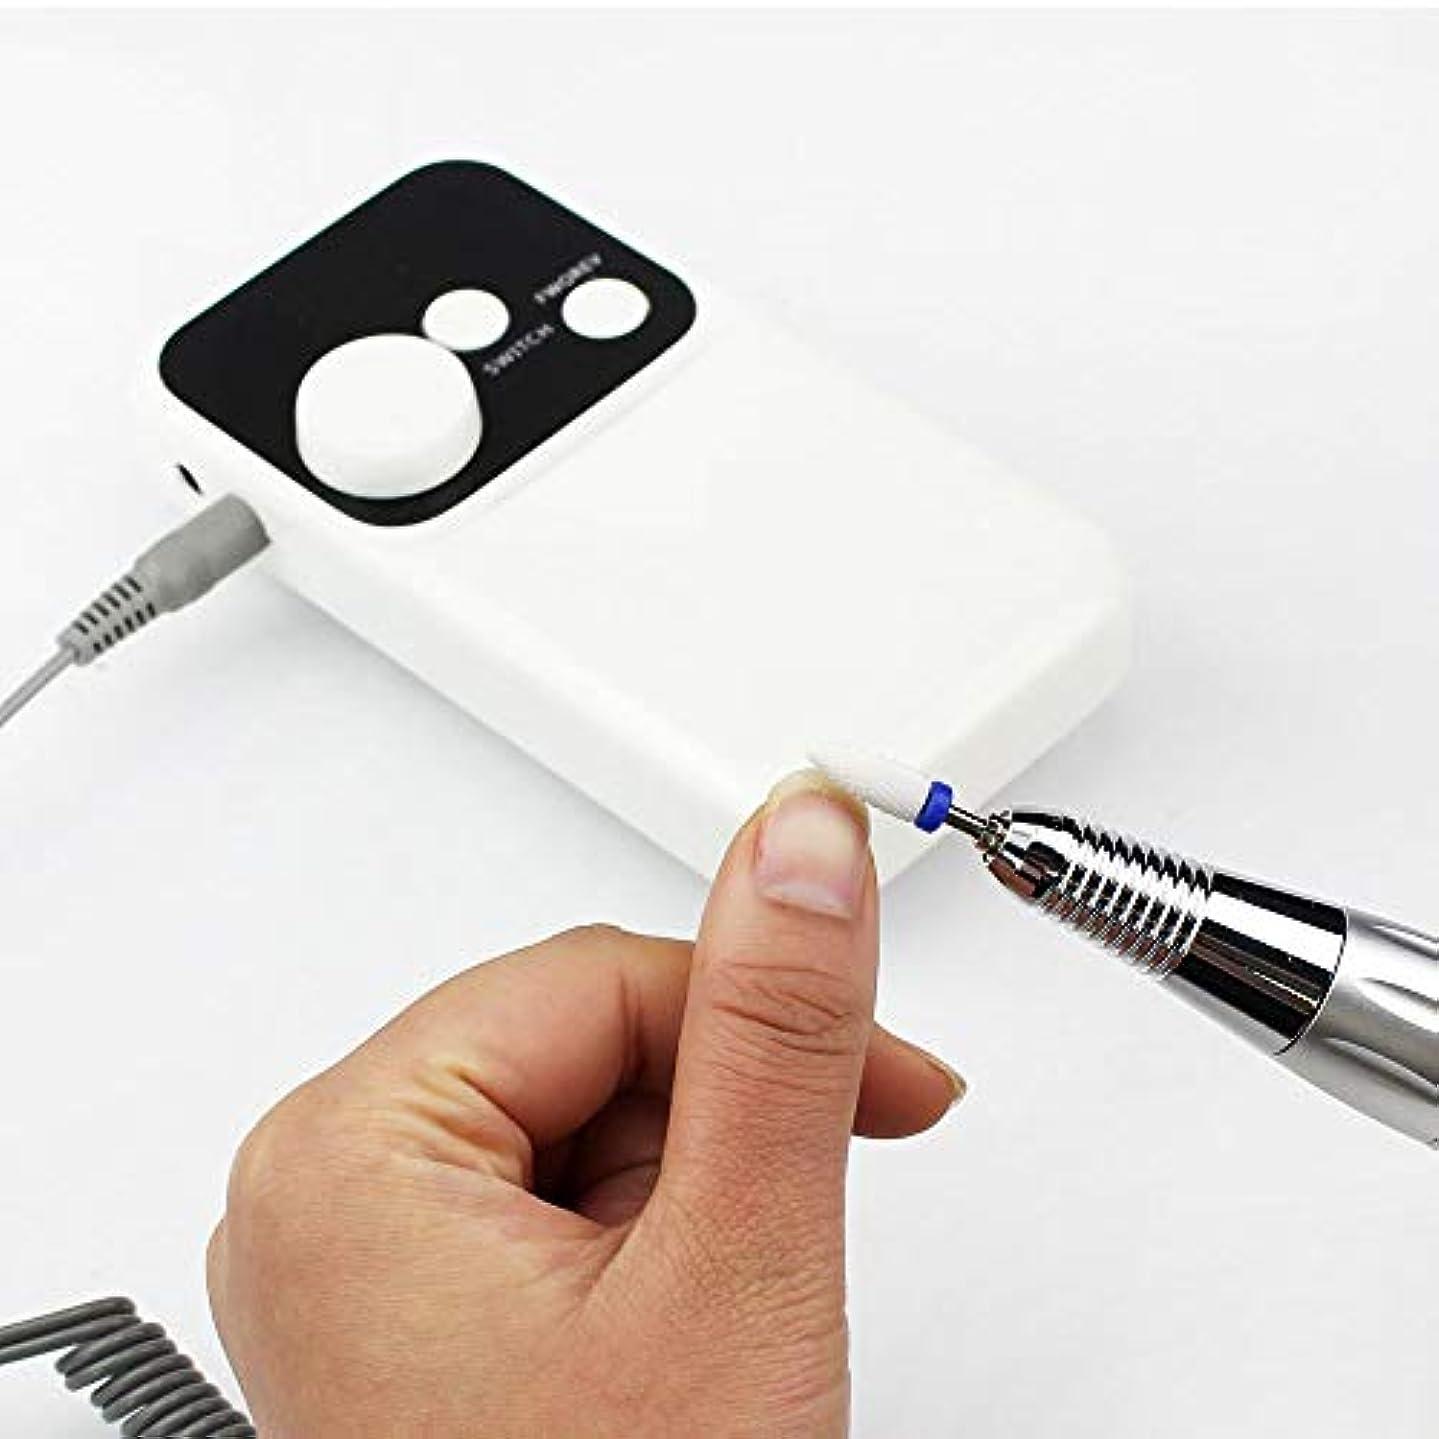 アクリルの釘のための専門の再充電可能な35000 Rpmの釘のドリルのポータブル、電気Efileの釘の粉砕機用具は反時計回りおよび時計回りの専門